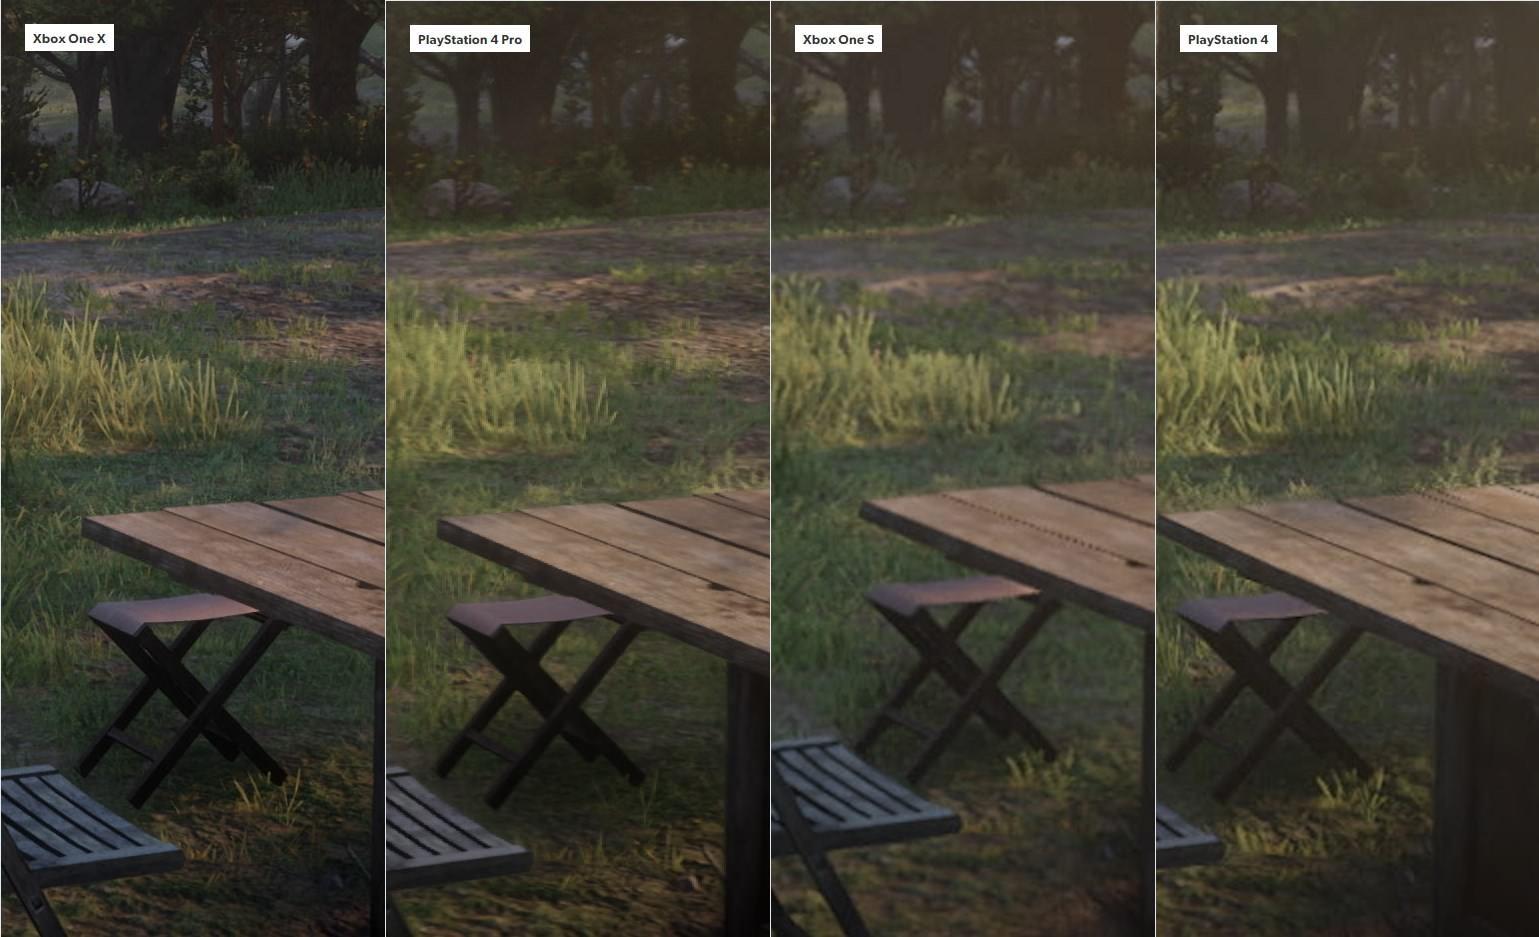 Vergleich von One X, PS4 Pro, One S und PS4